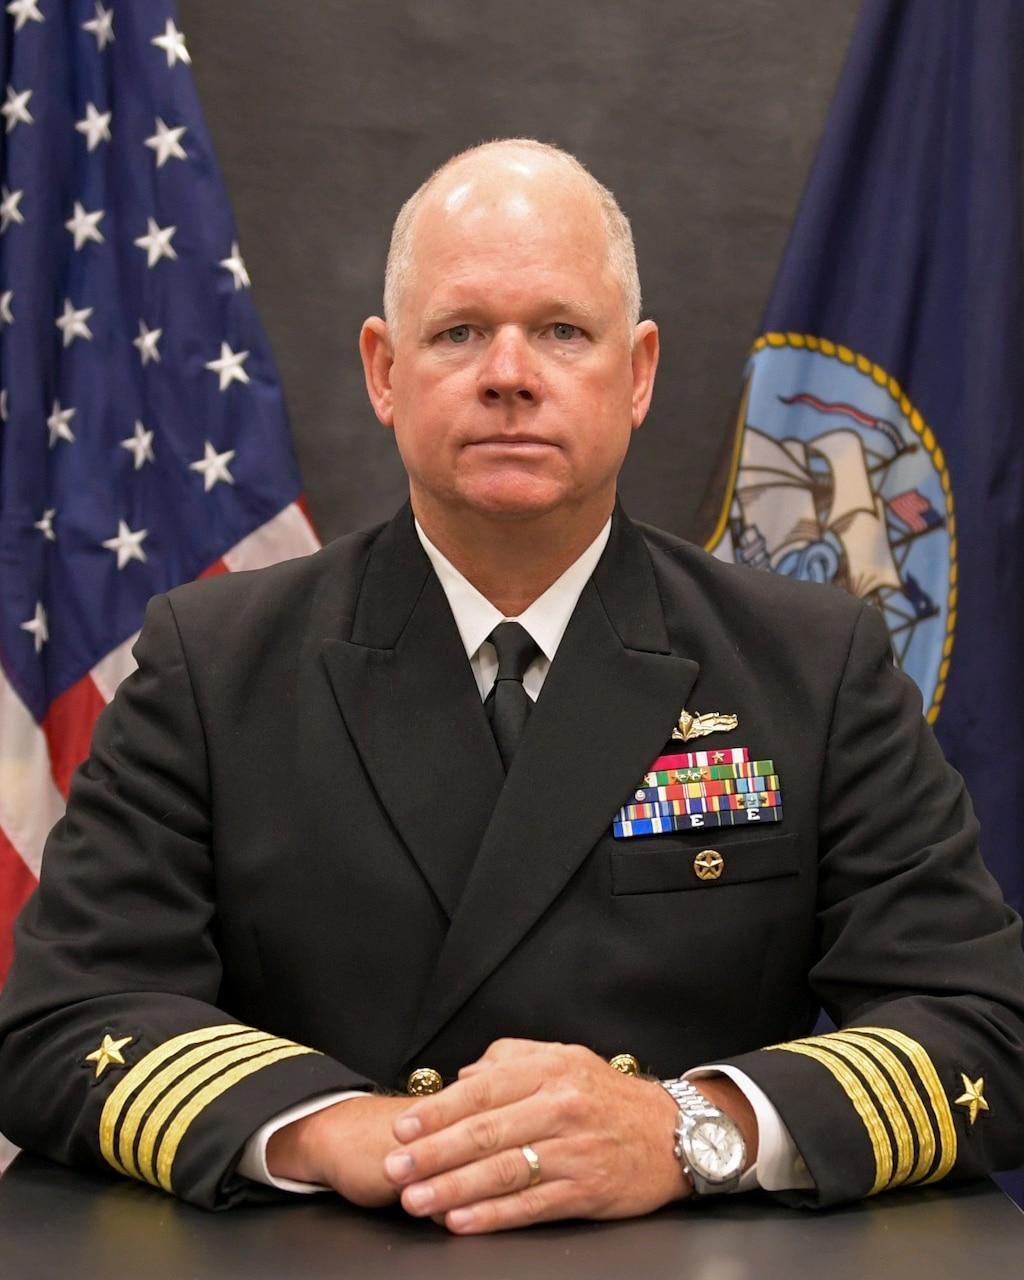 Studio portrait of Capt. Charles E. Hampton